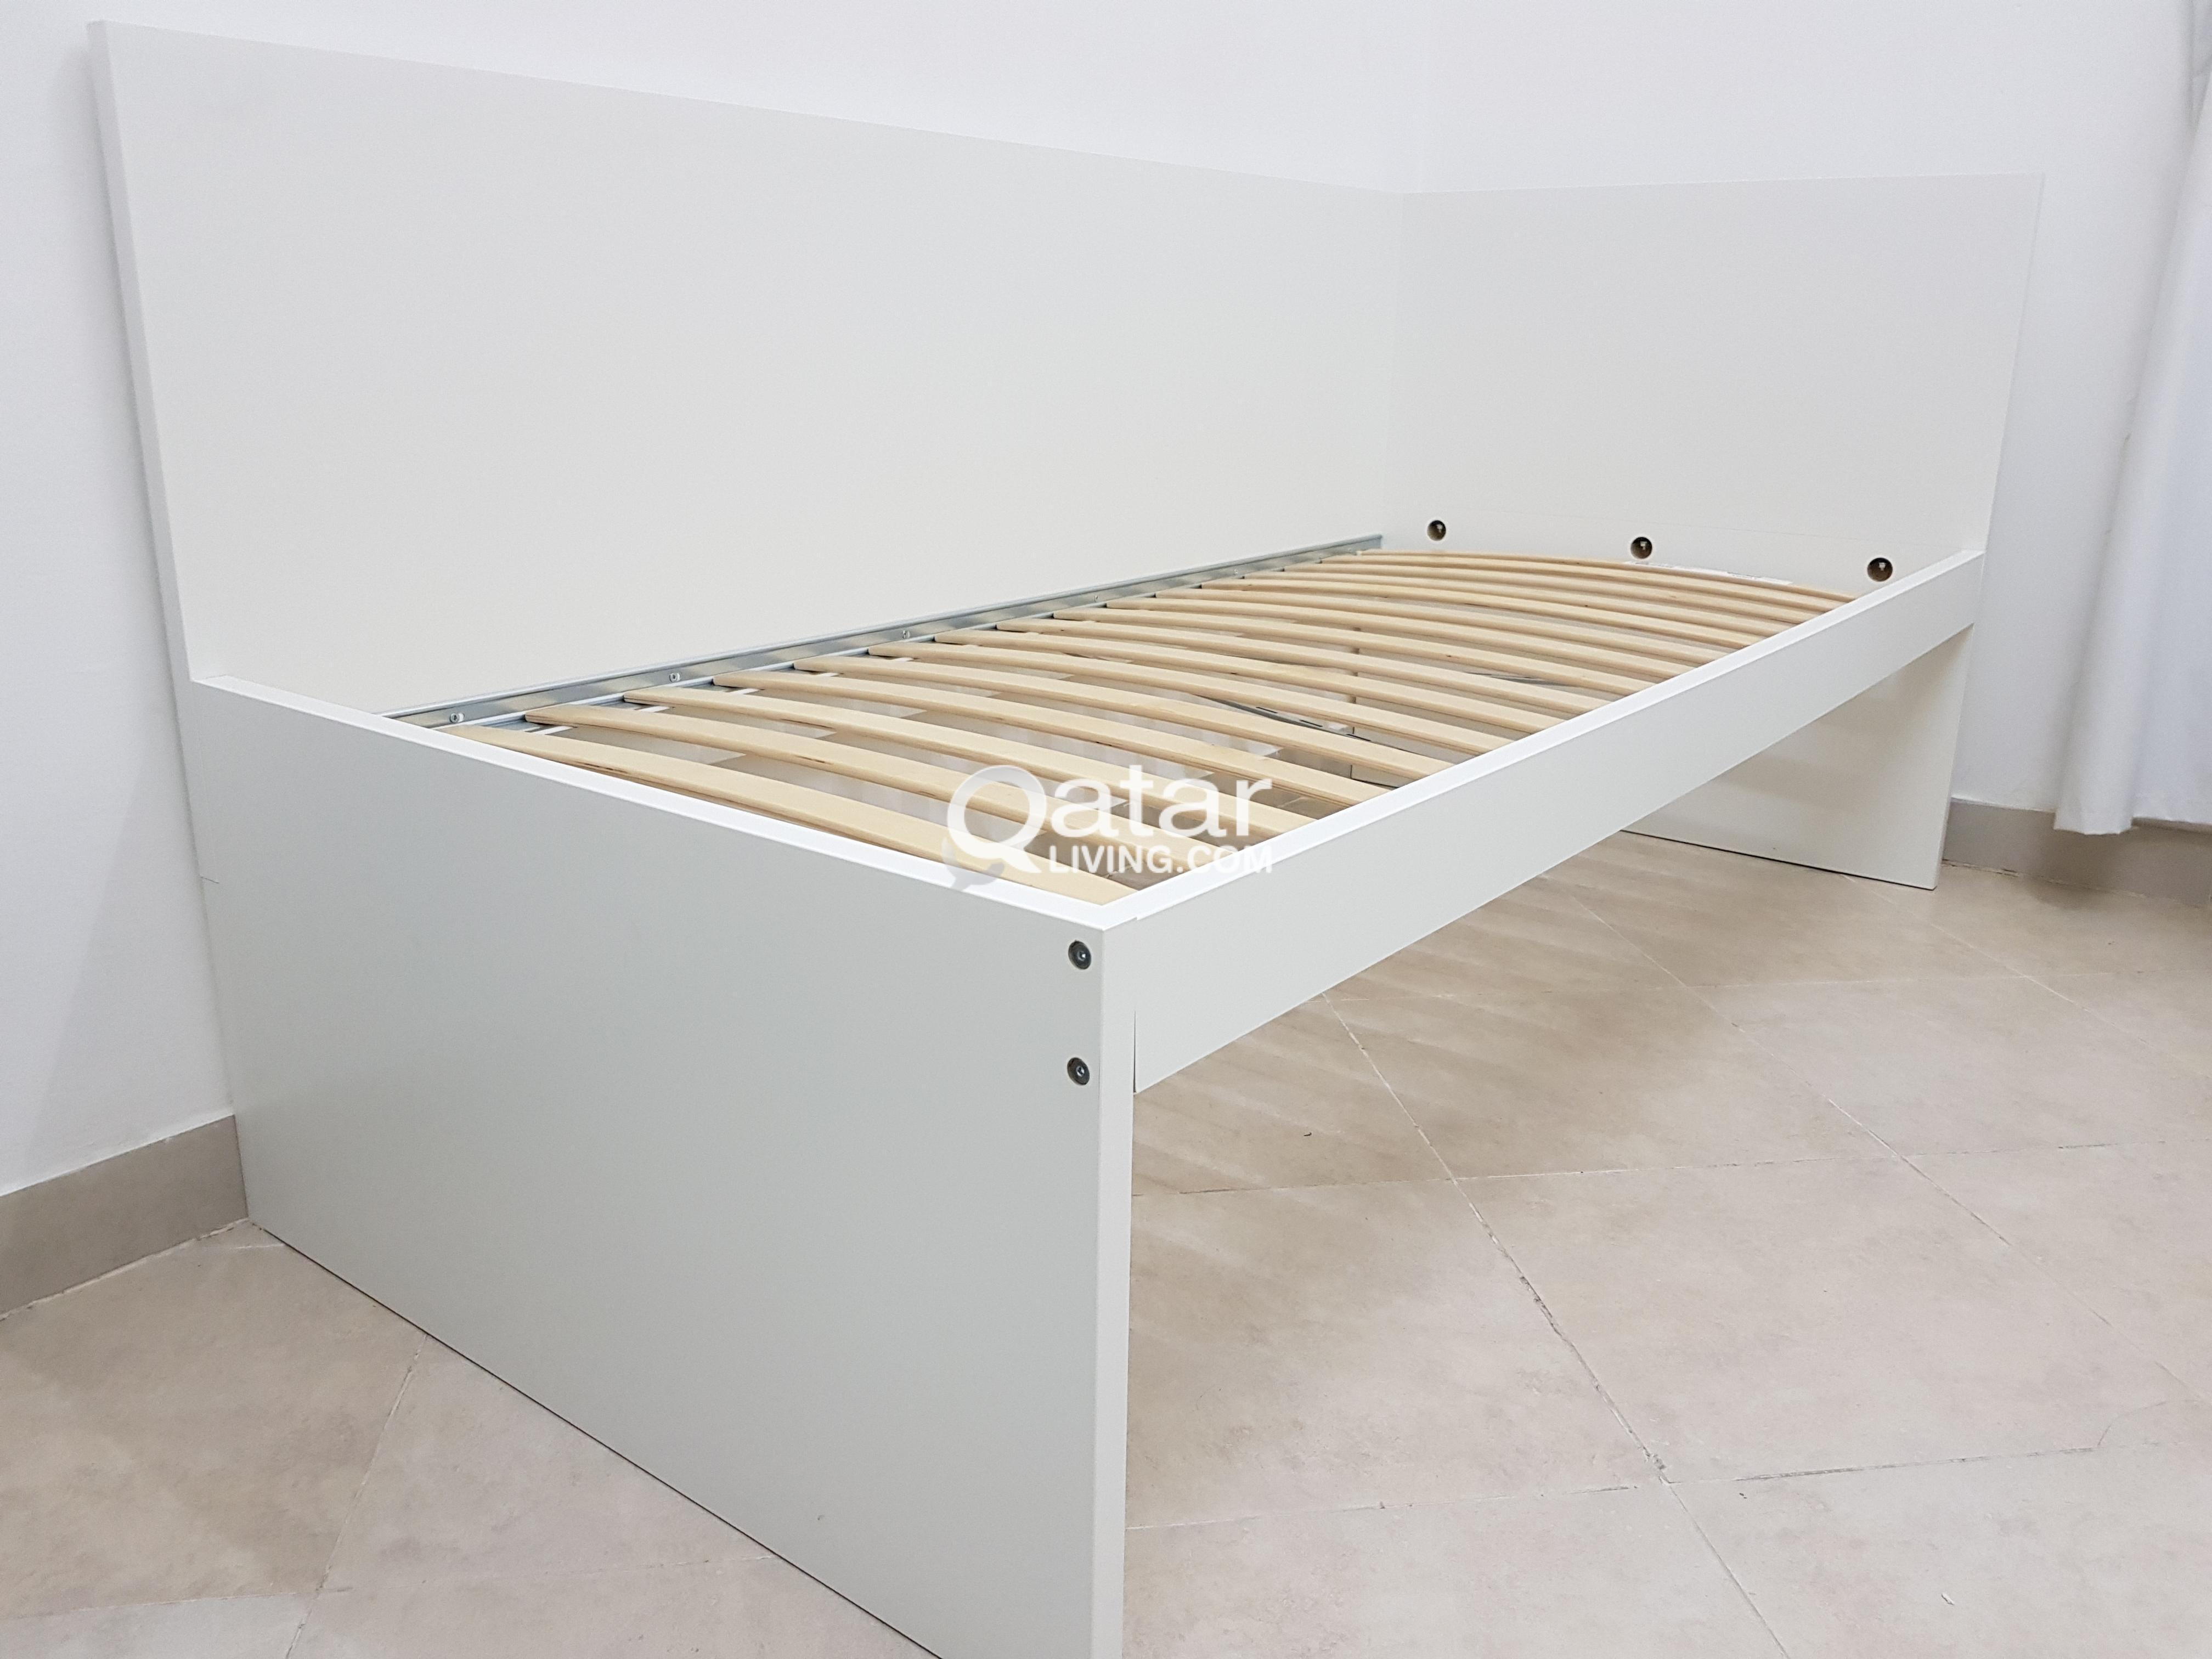 2 IKEA FLAXA Bed Frame With Head Sultan Luroy Slated Base